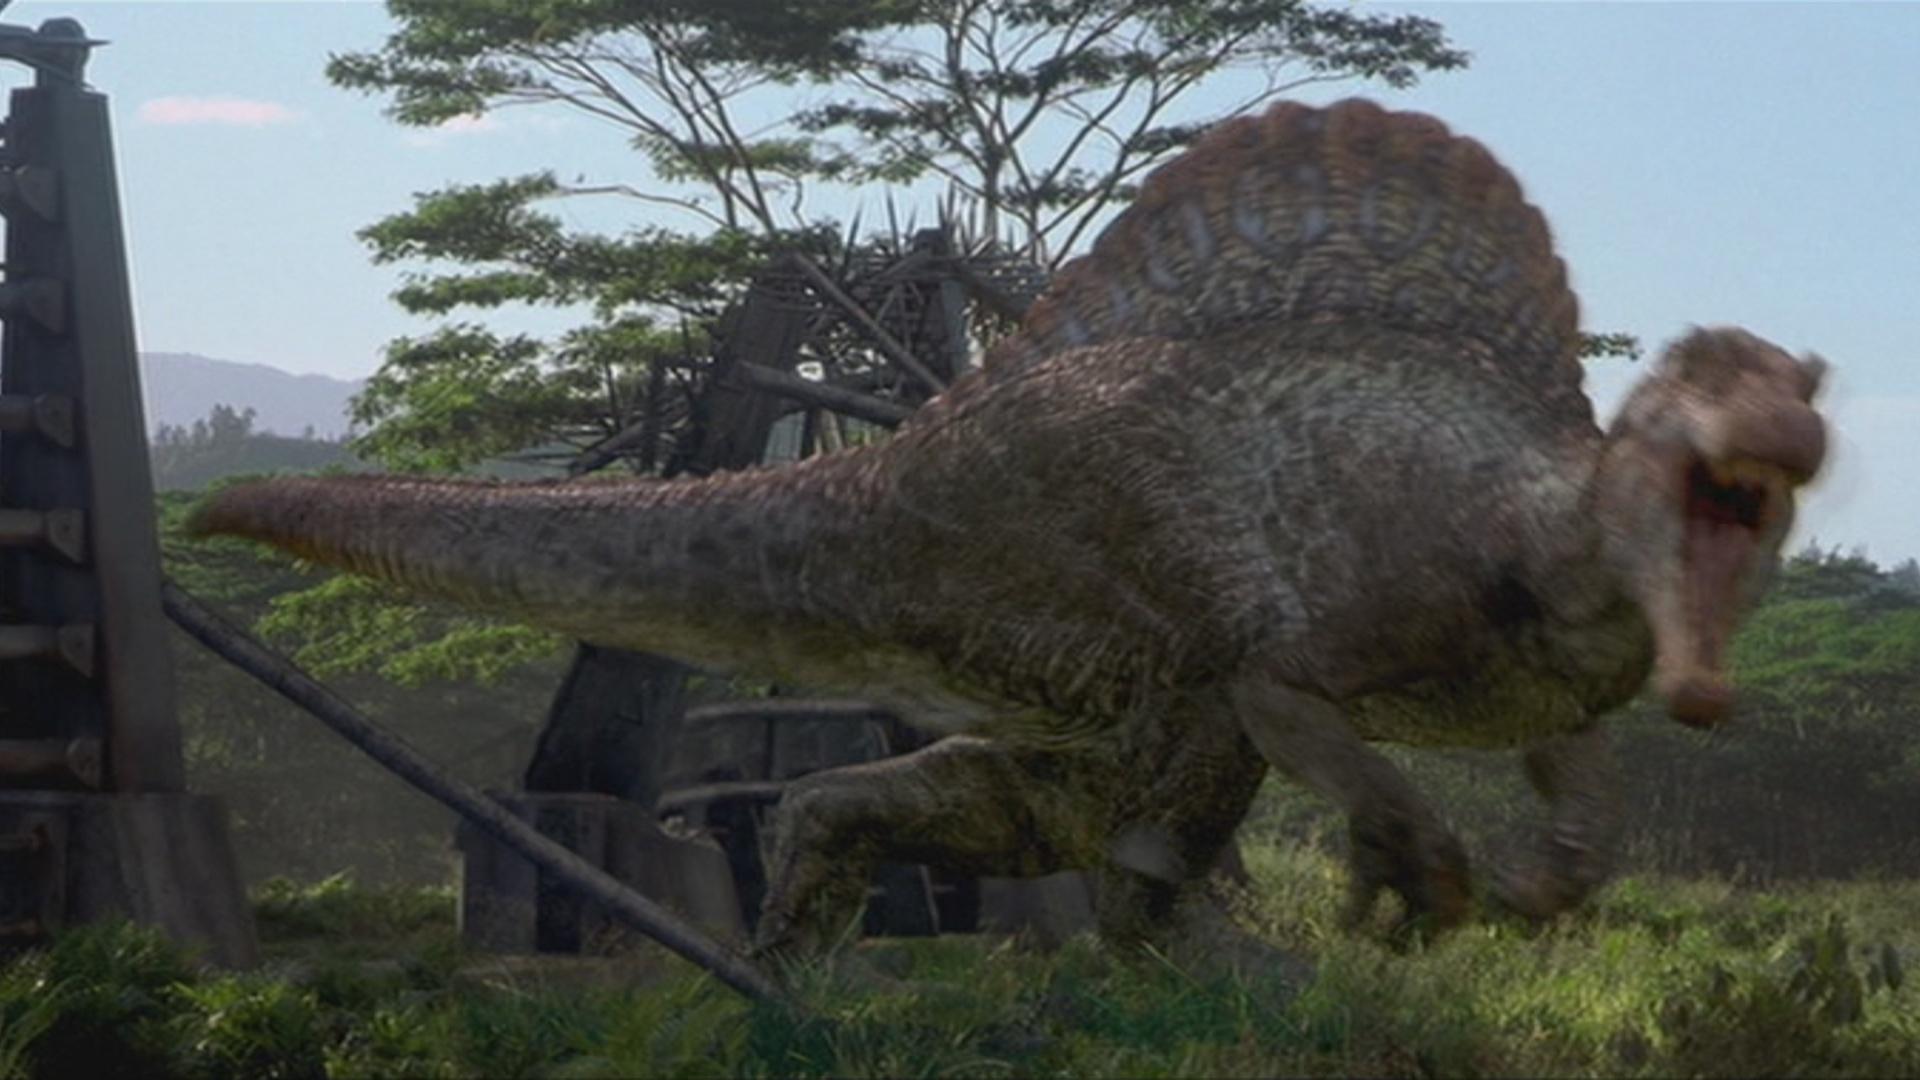 Jurassic Park T Rex Roar FBR IV - in Honour of ...